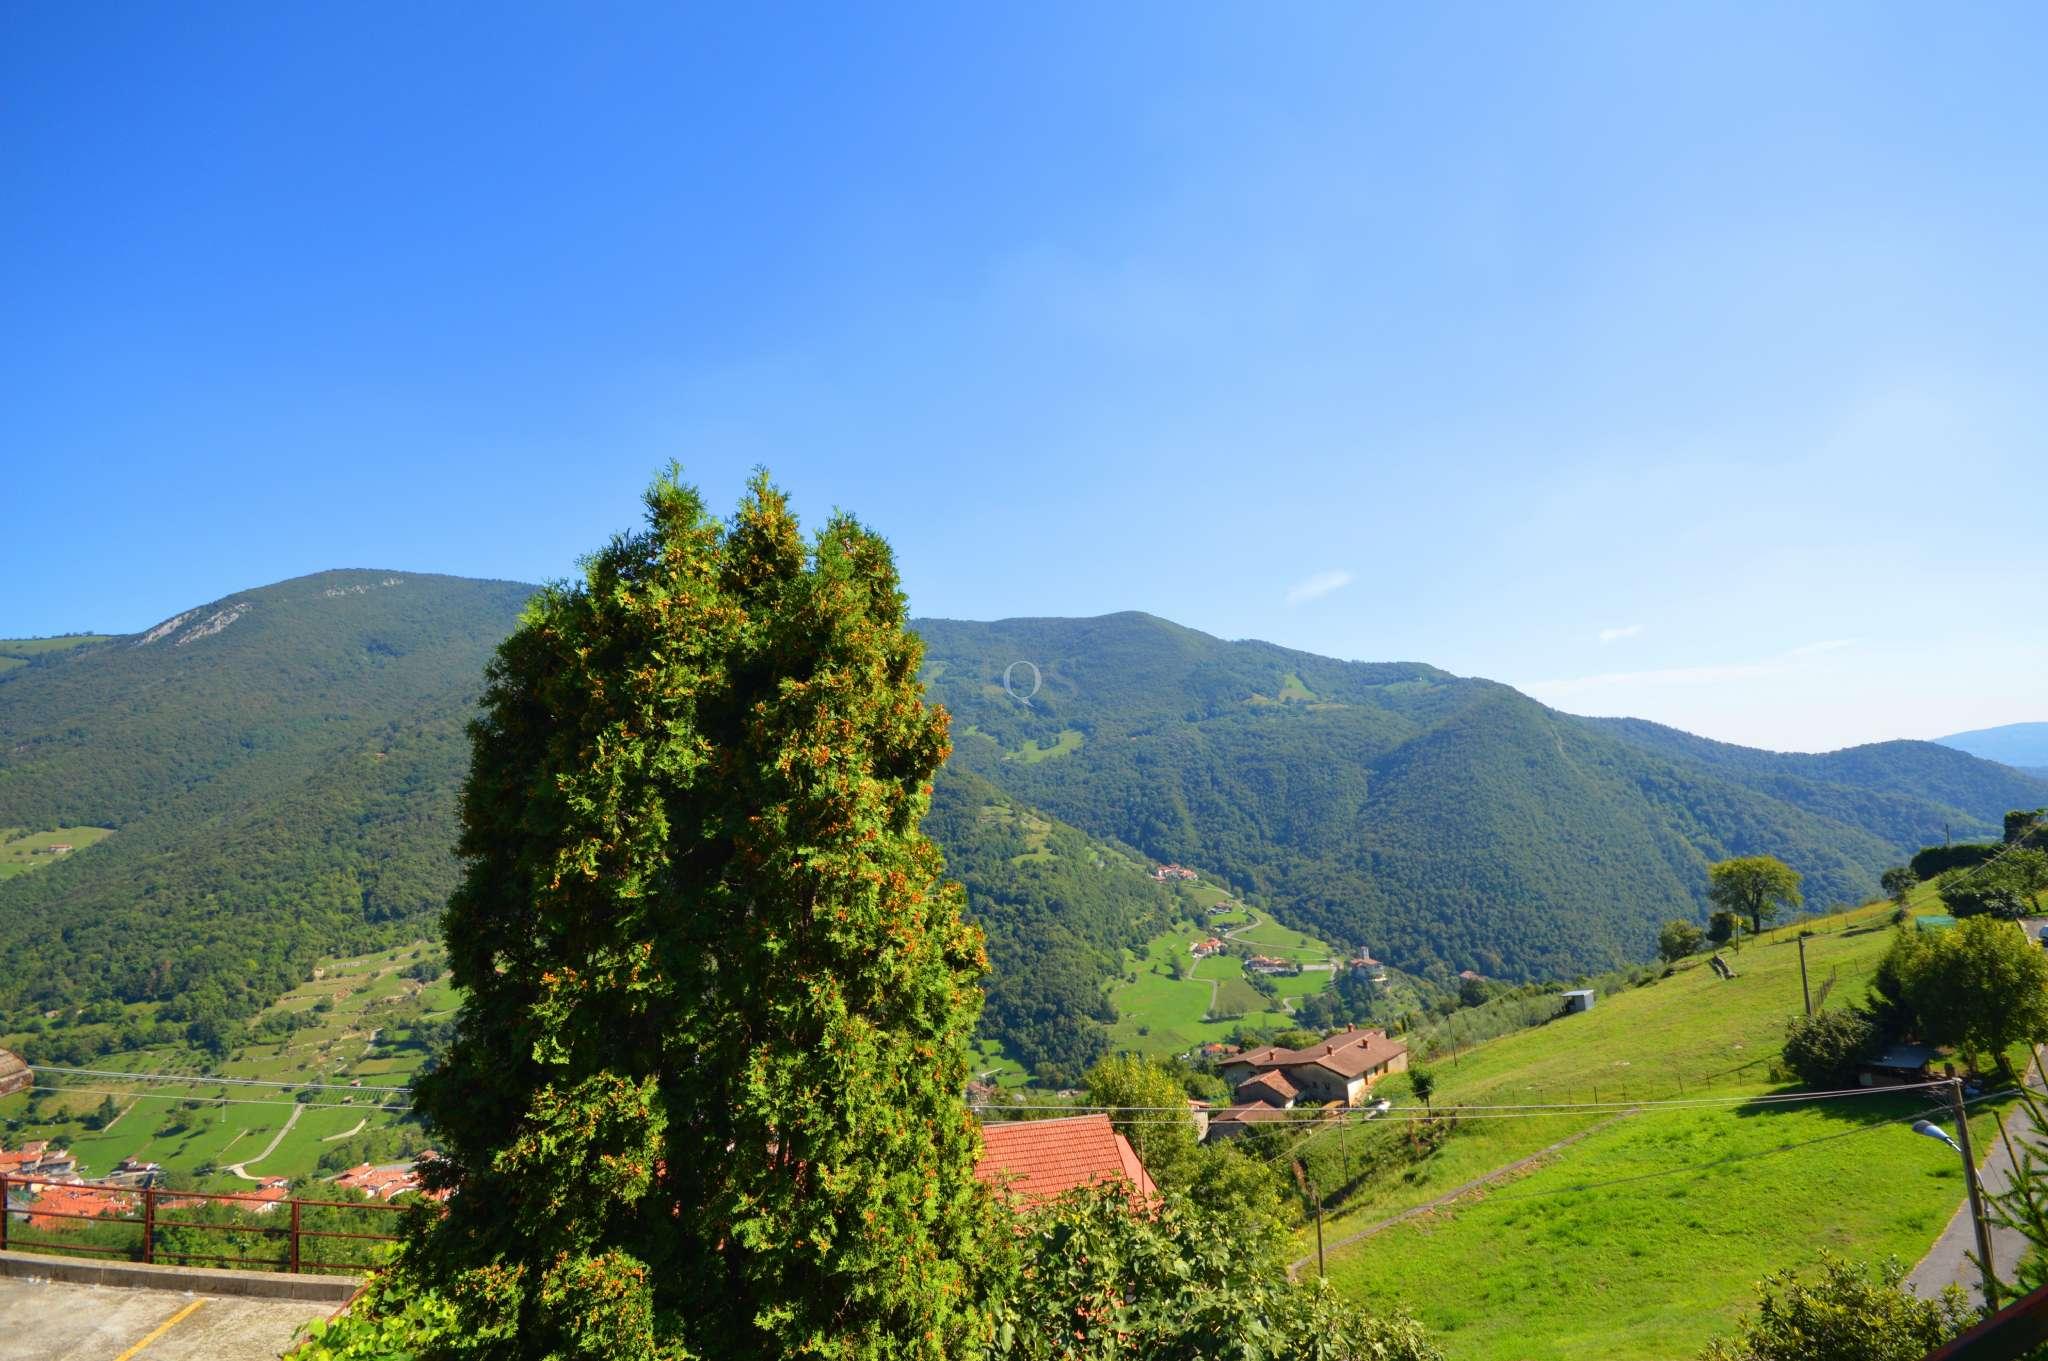 Appartamento in vendita a Adrara San Martino, 2 locali, prezzo € 45.000 | PortaleAgenzieImmobiliari.it